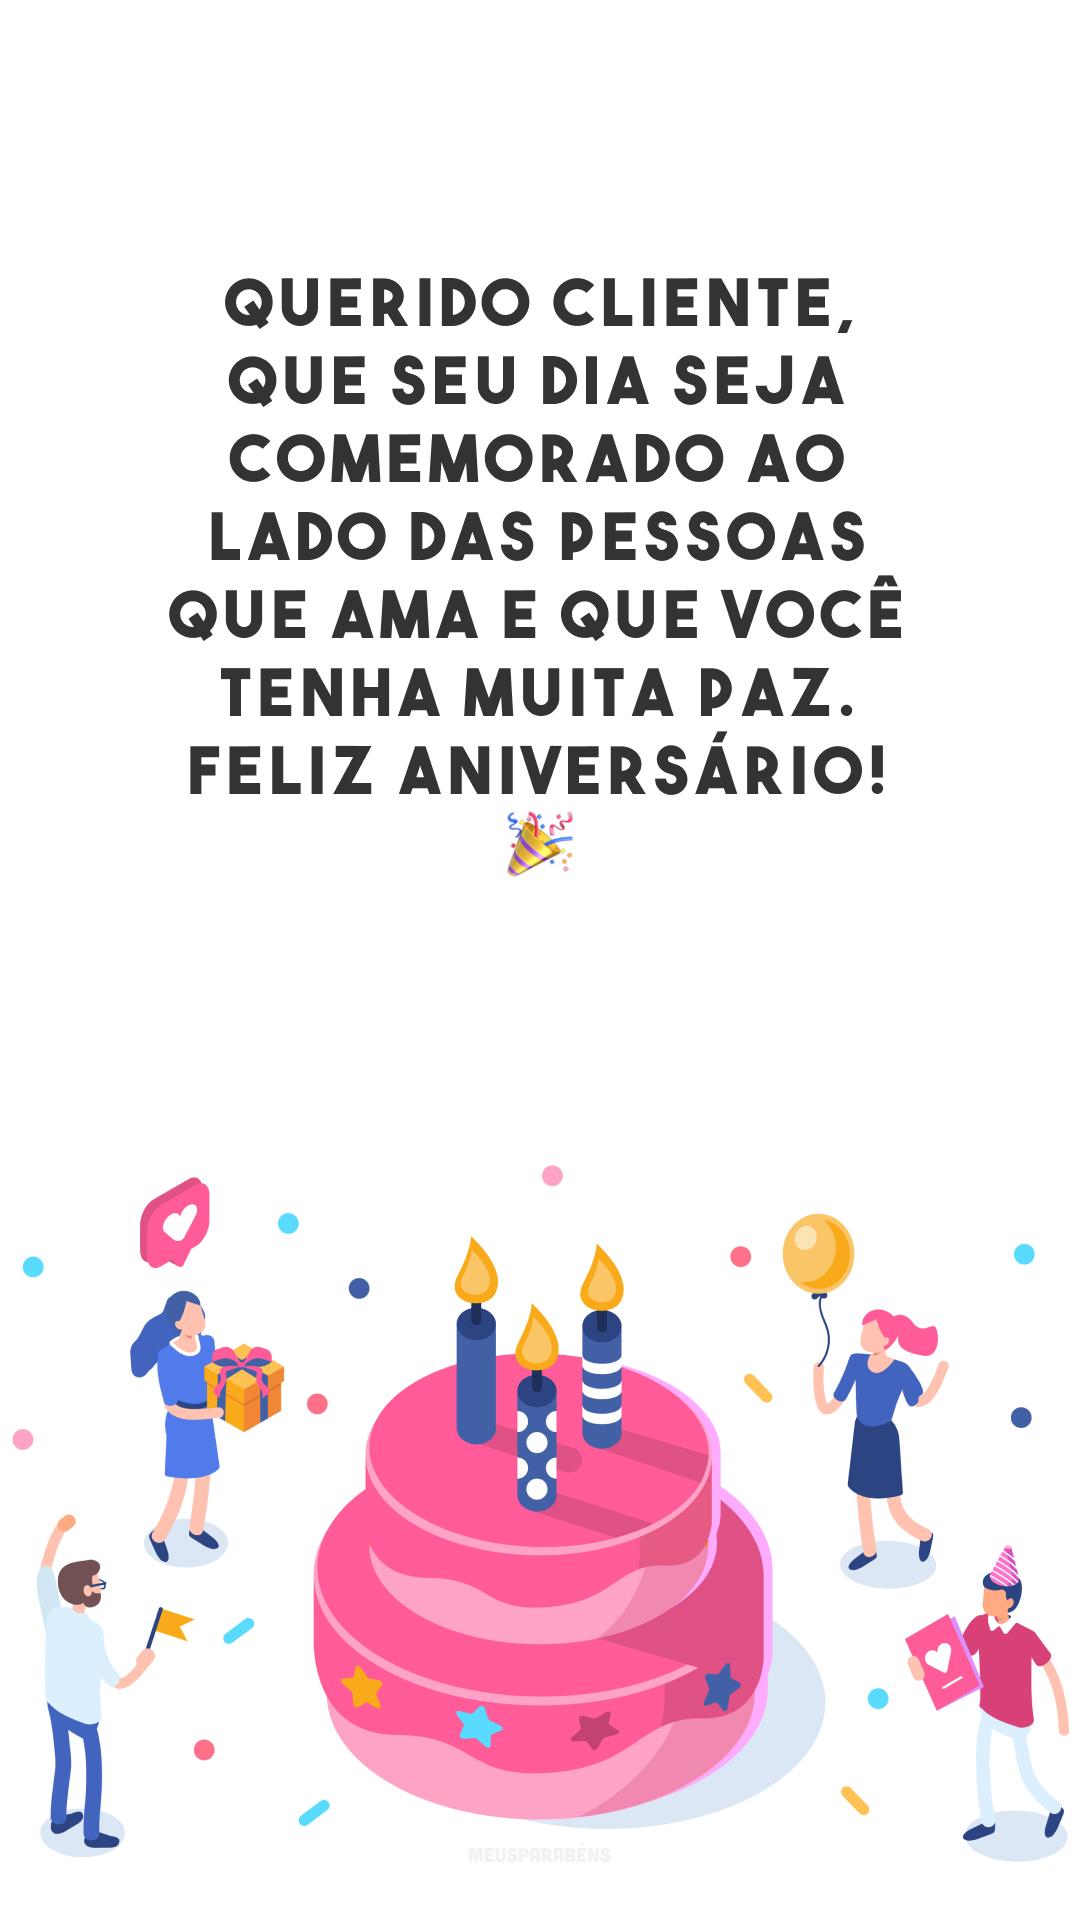 Querido cliente, que seu dia seja comemorado ao lado das pessoas que ama e que você tenha muita paz. Feliz aniversário! 🎉